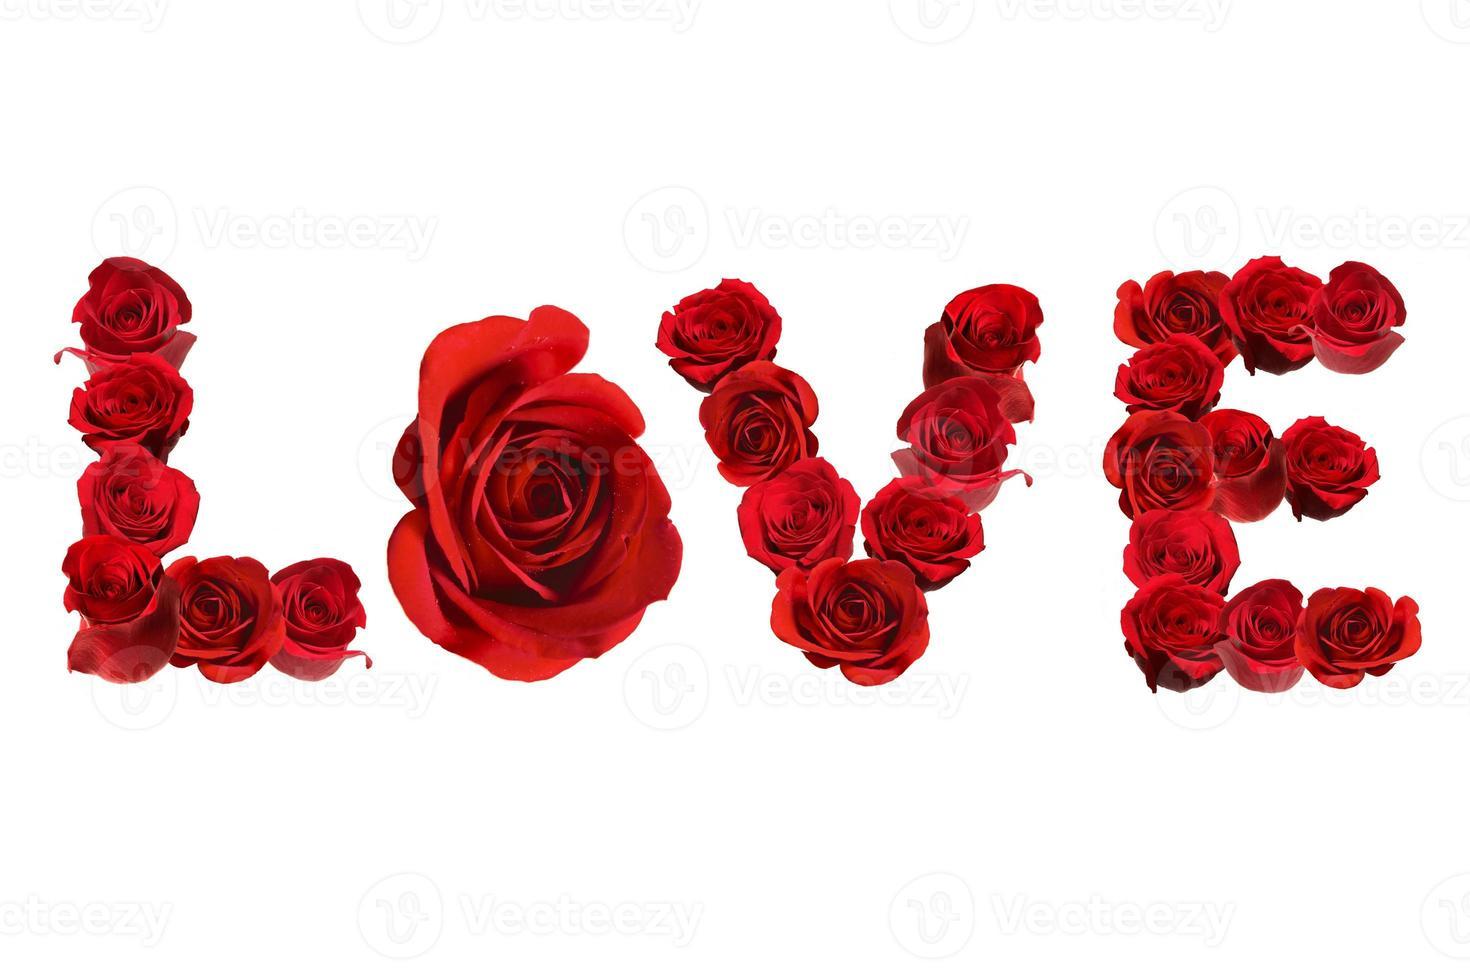 Liebe buchstabiert mit isolierten roten Rosen auf weiß foto